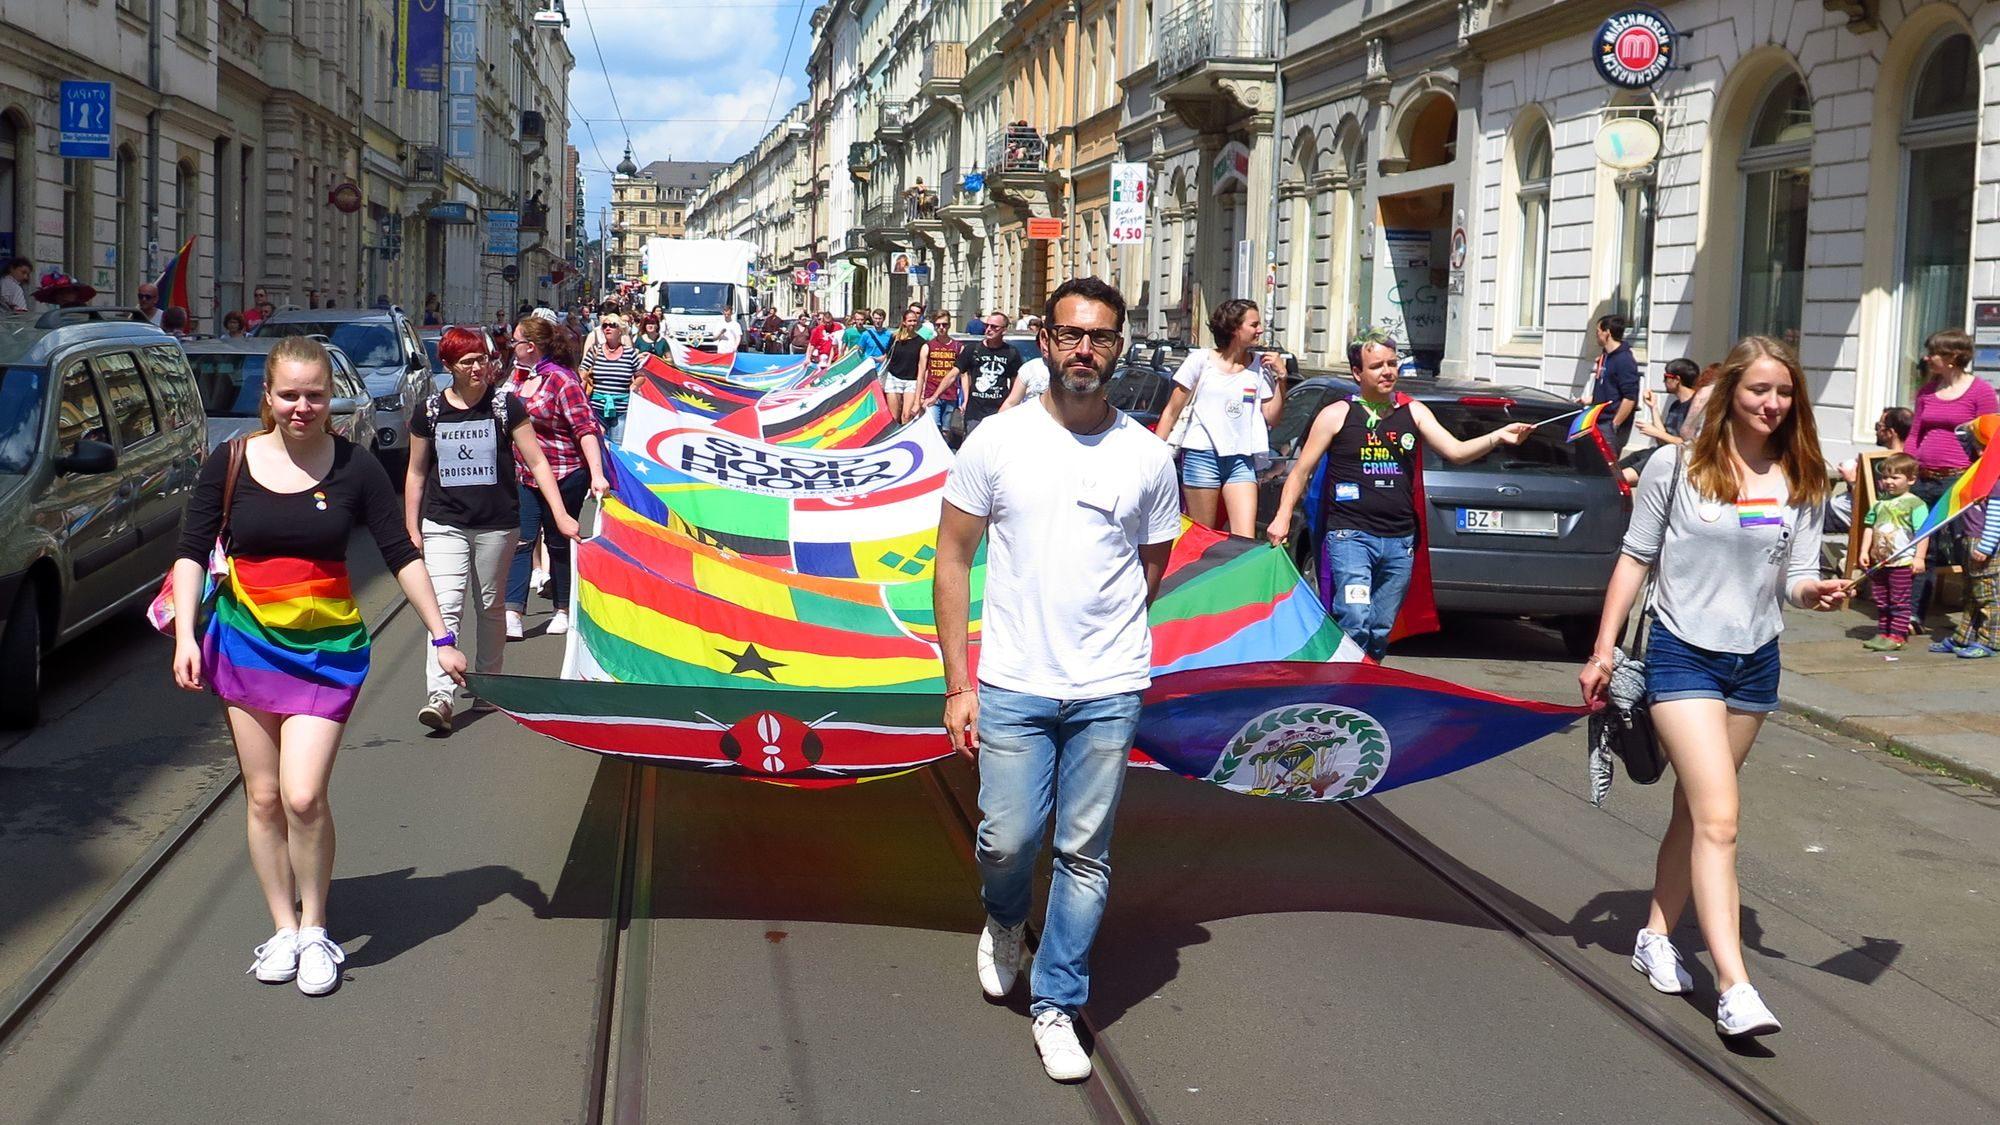 Das riesige Banner zeigt die Flaggen der Länder, in denen Homosexualität noch strafbar ist.